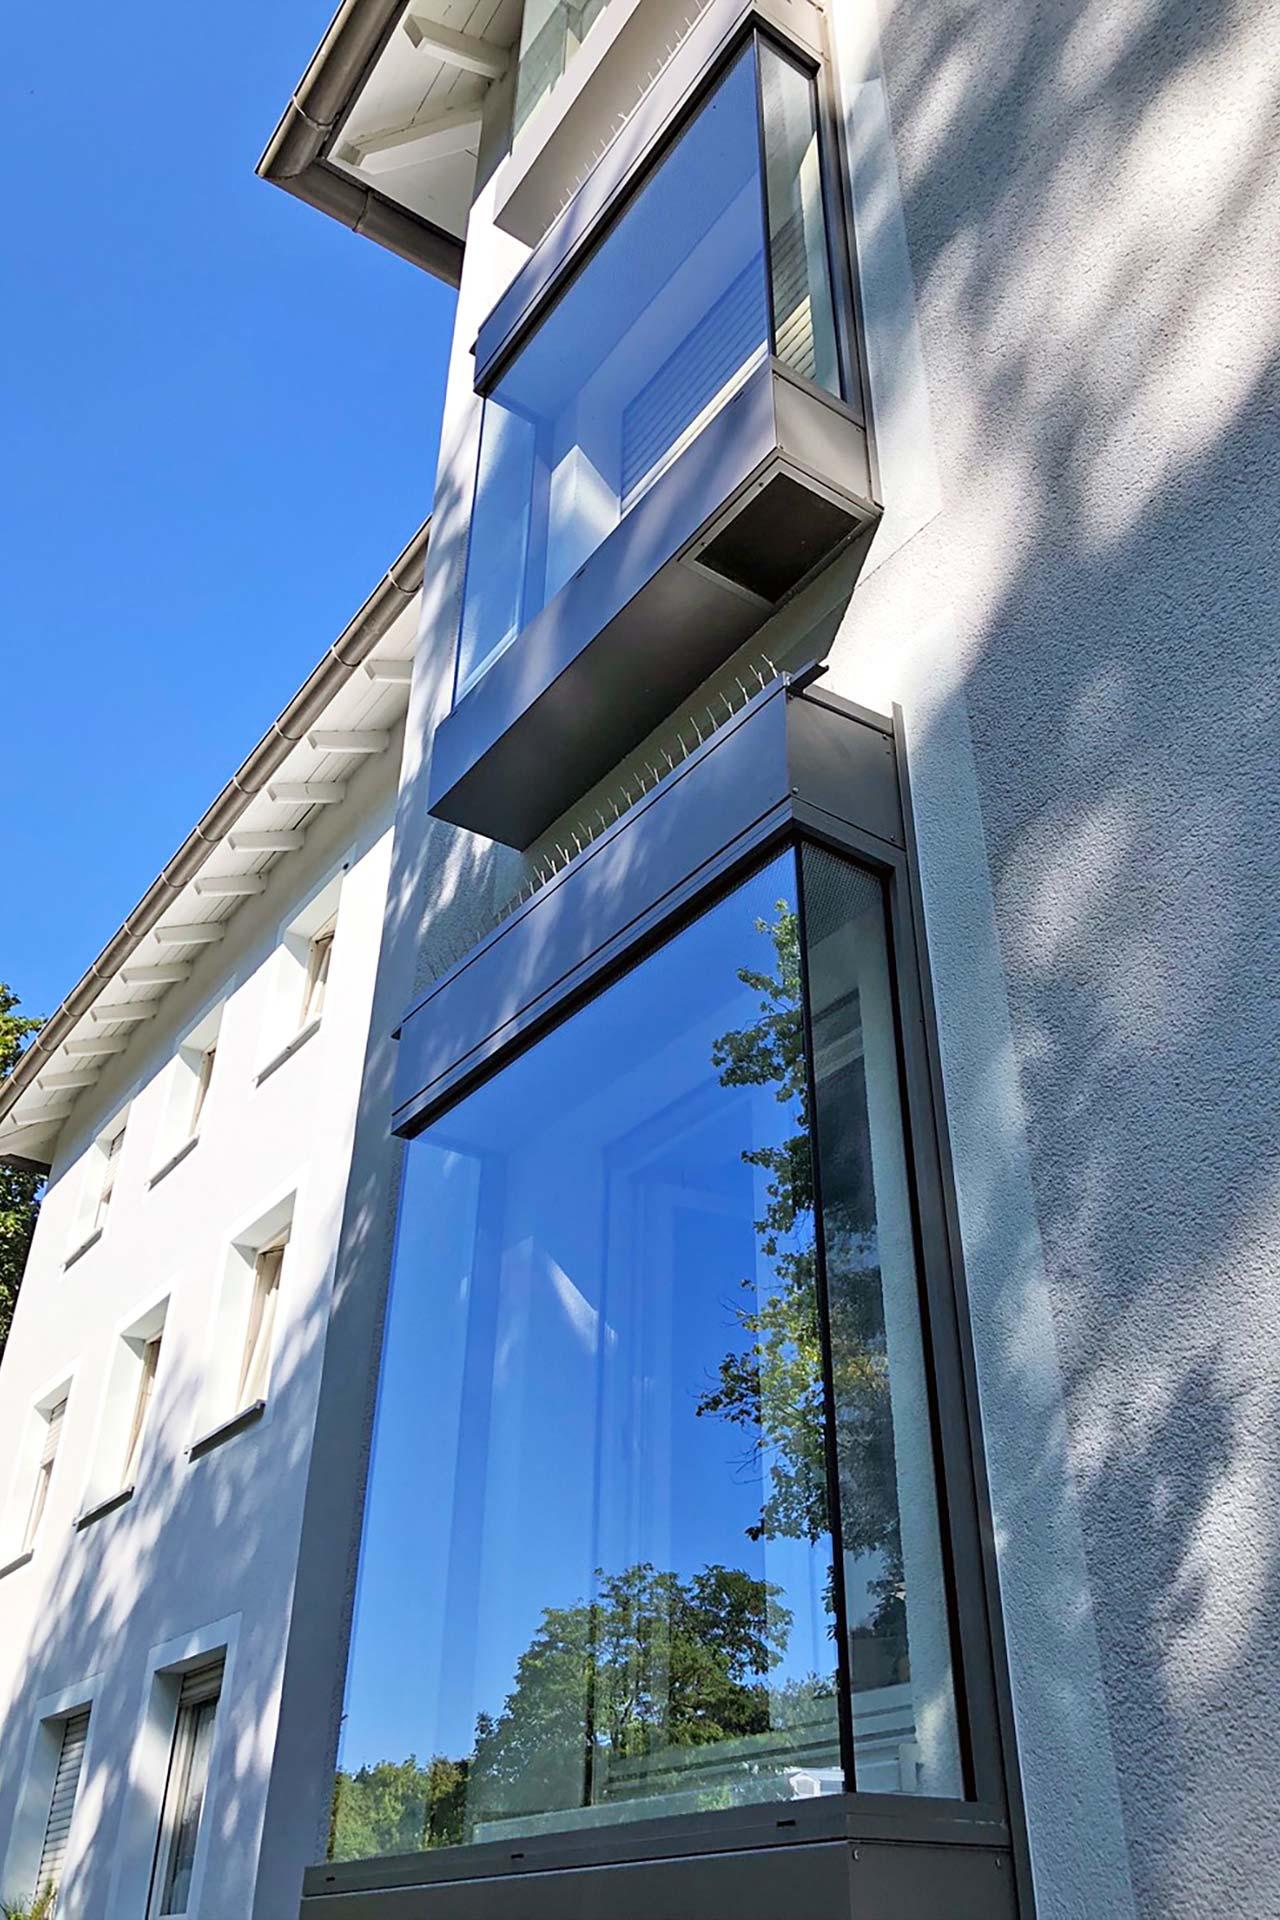 Projekte: Schallschutz für Fenster von Wohnhäusern